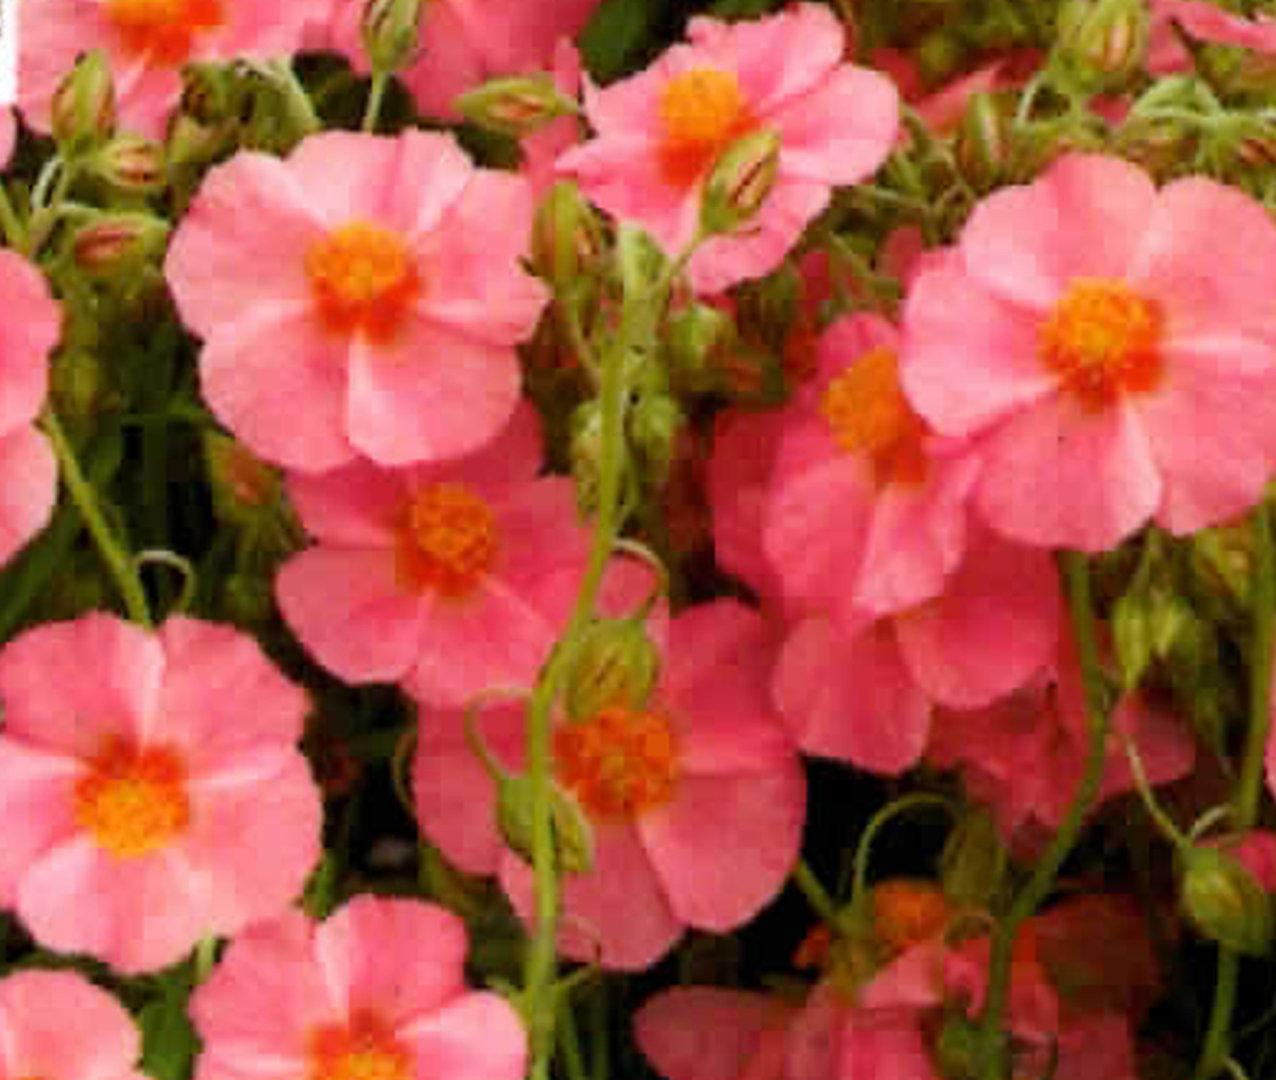 helianthemum rosa sonnenr schen pflanzenversand alpine pflanzen harro 39 s pflanzenwelt kaufen. Black Bedroom Furniture Sets. Home Design Ideas